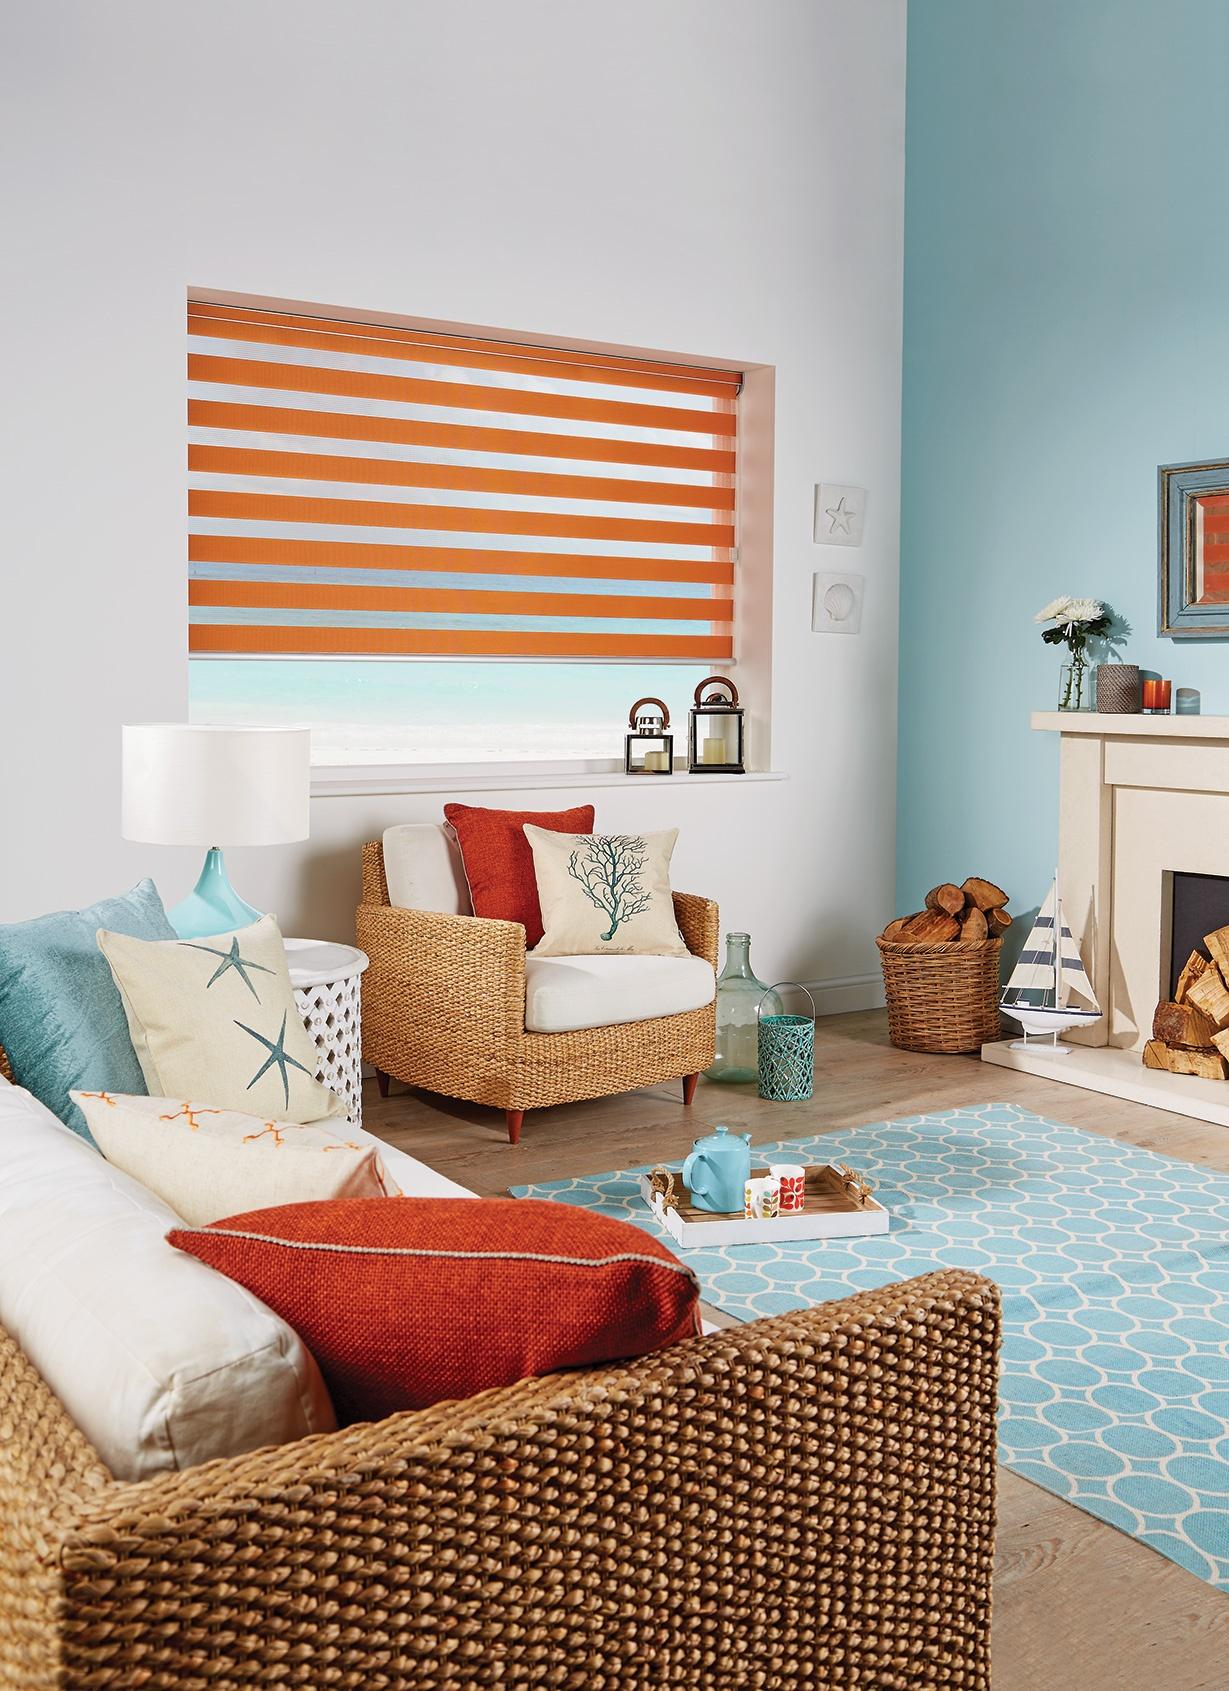 Capri Sunset Orange Blind in a living room